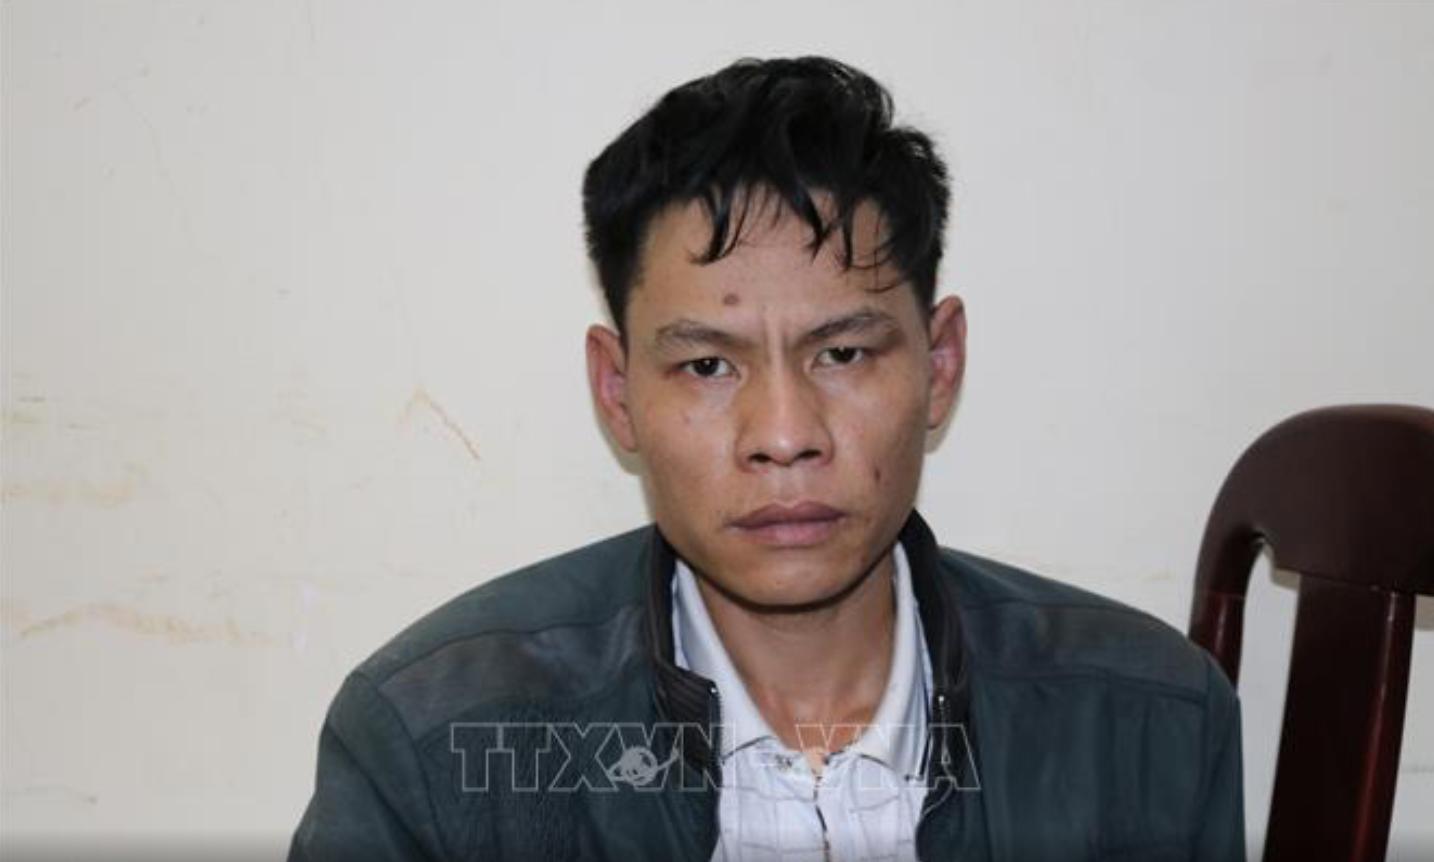 Vụ nữ sinh giao gà bị sát hại ở Điện Biên: Khám nhà Vì Văn Toán, thu giữ được nhiều chứng cứ - Ảnh 1